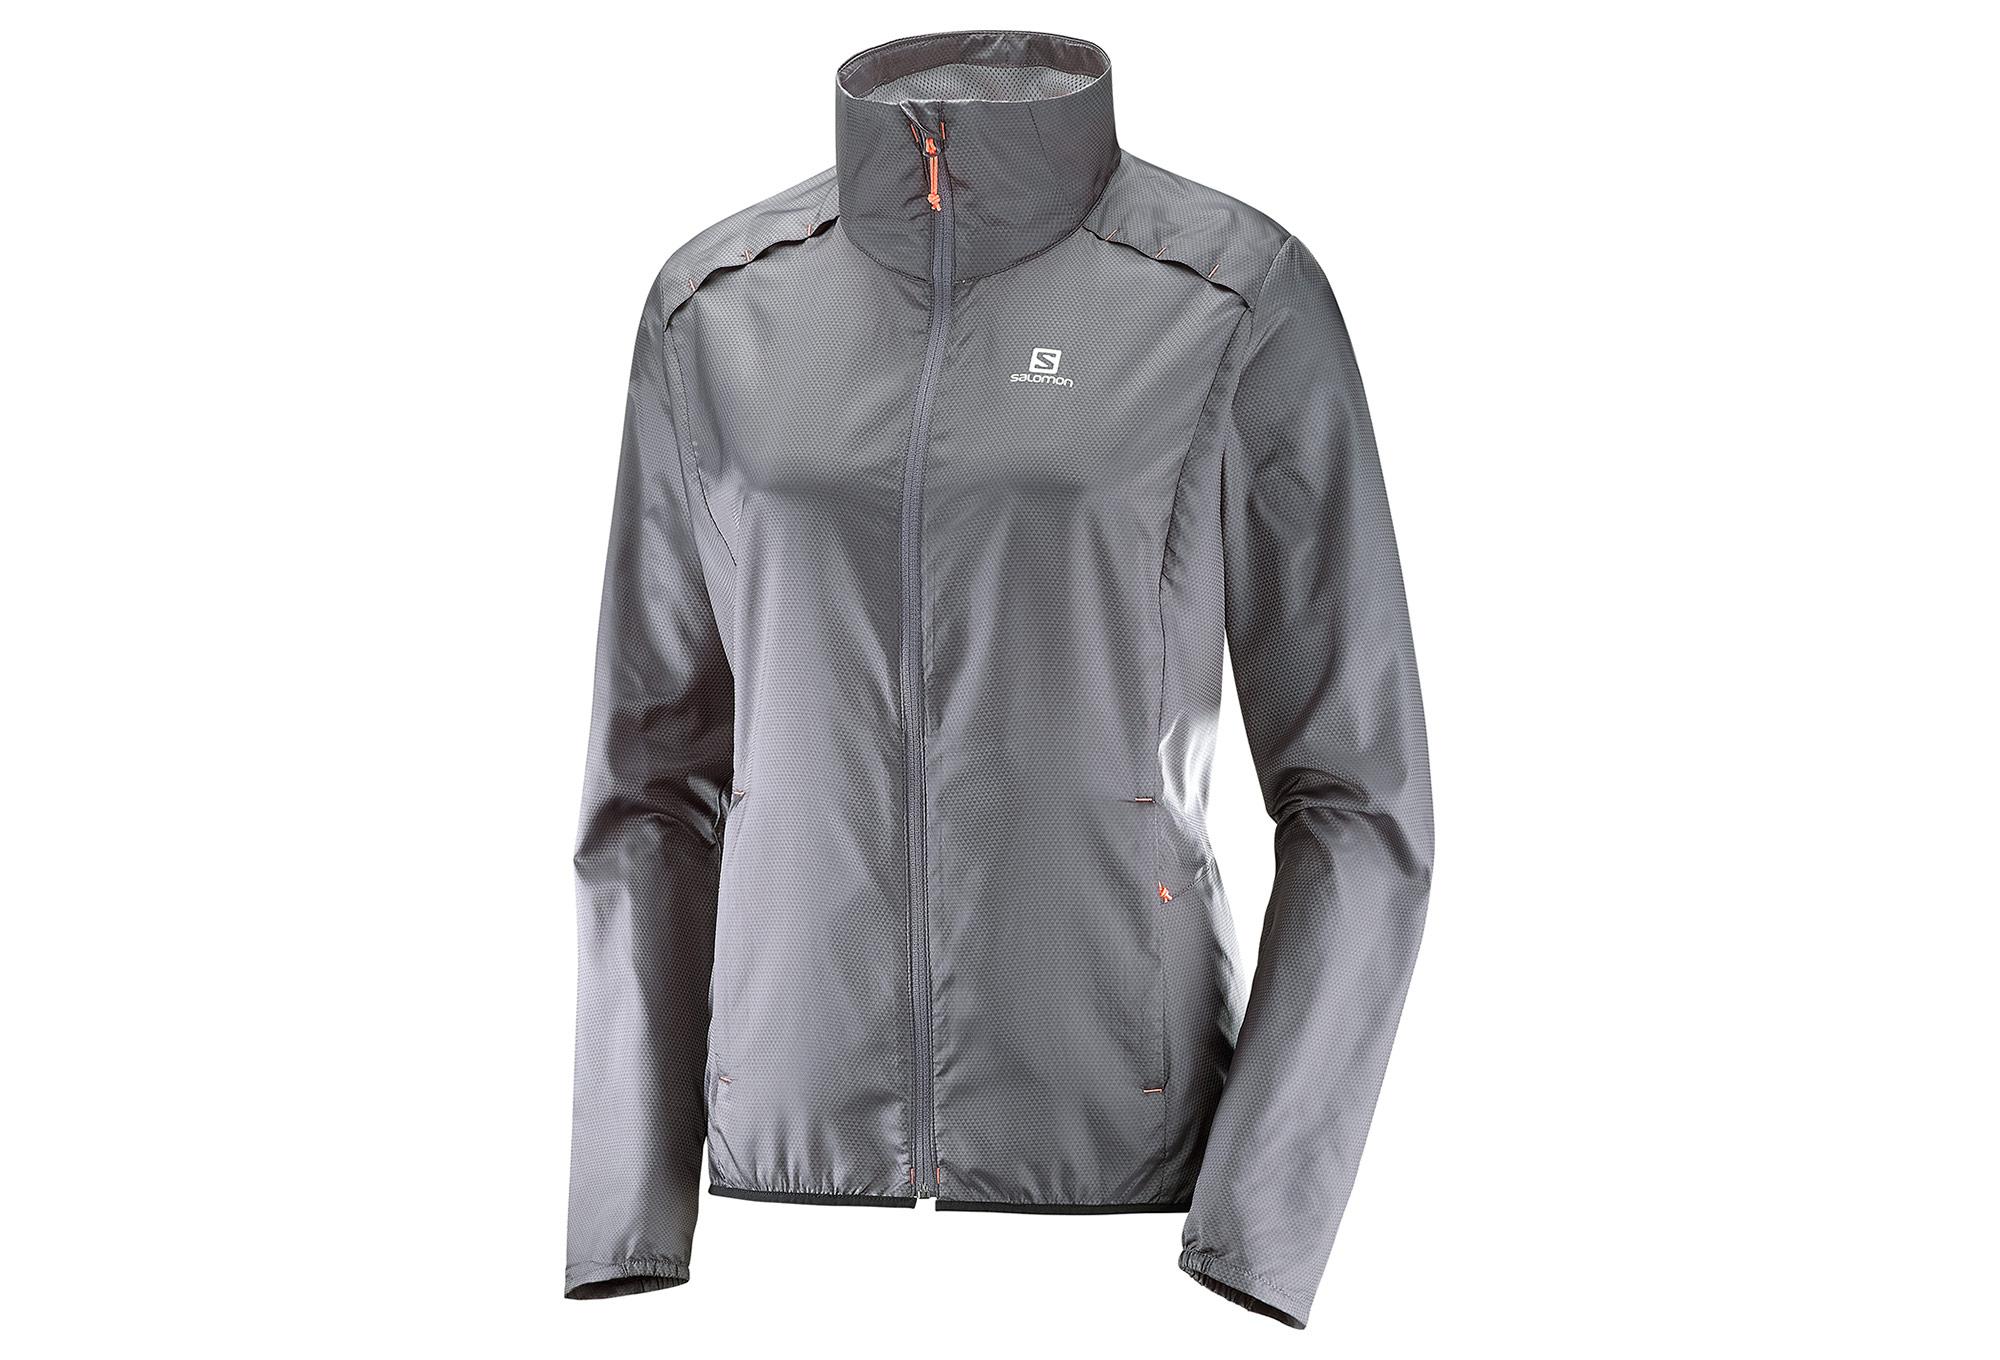 ostaa hyvää Viimeisin klassiset kengät Salomon Agile Wind Women Jacket Grey